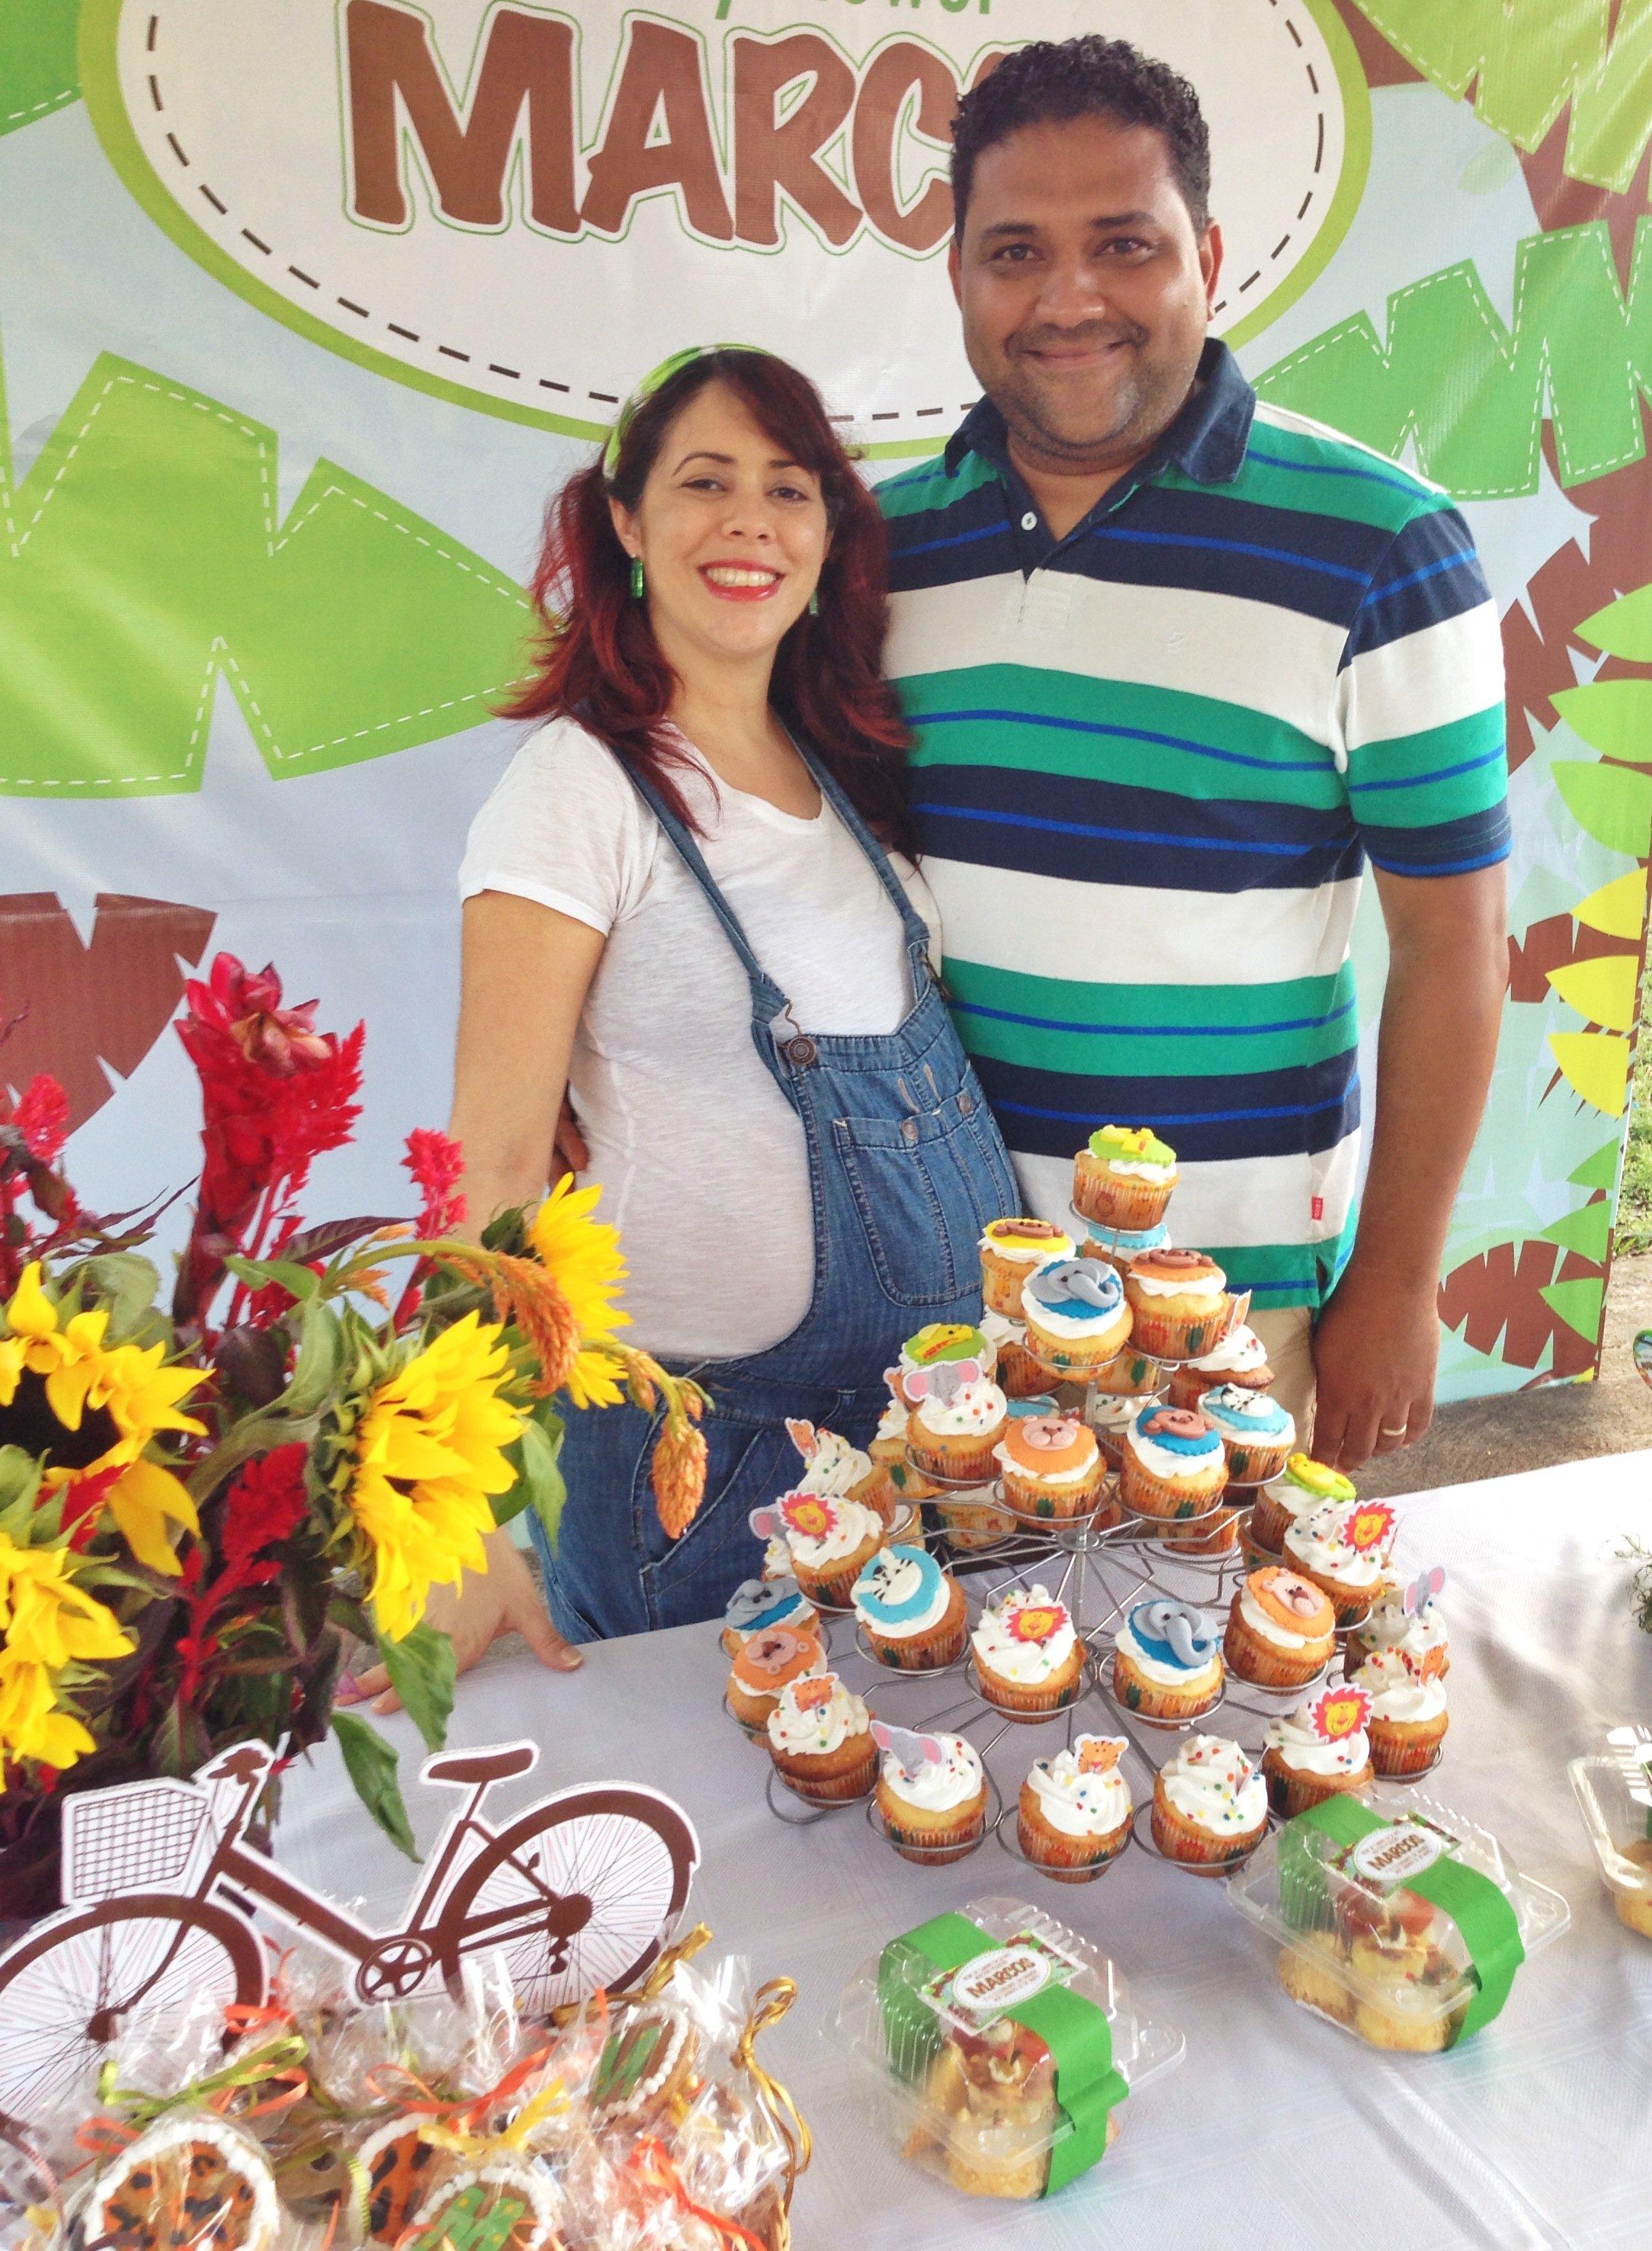 Madre y padre de Marcos en su babyshower